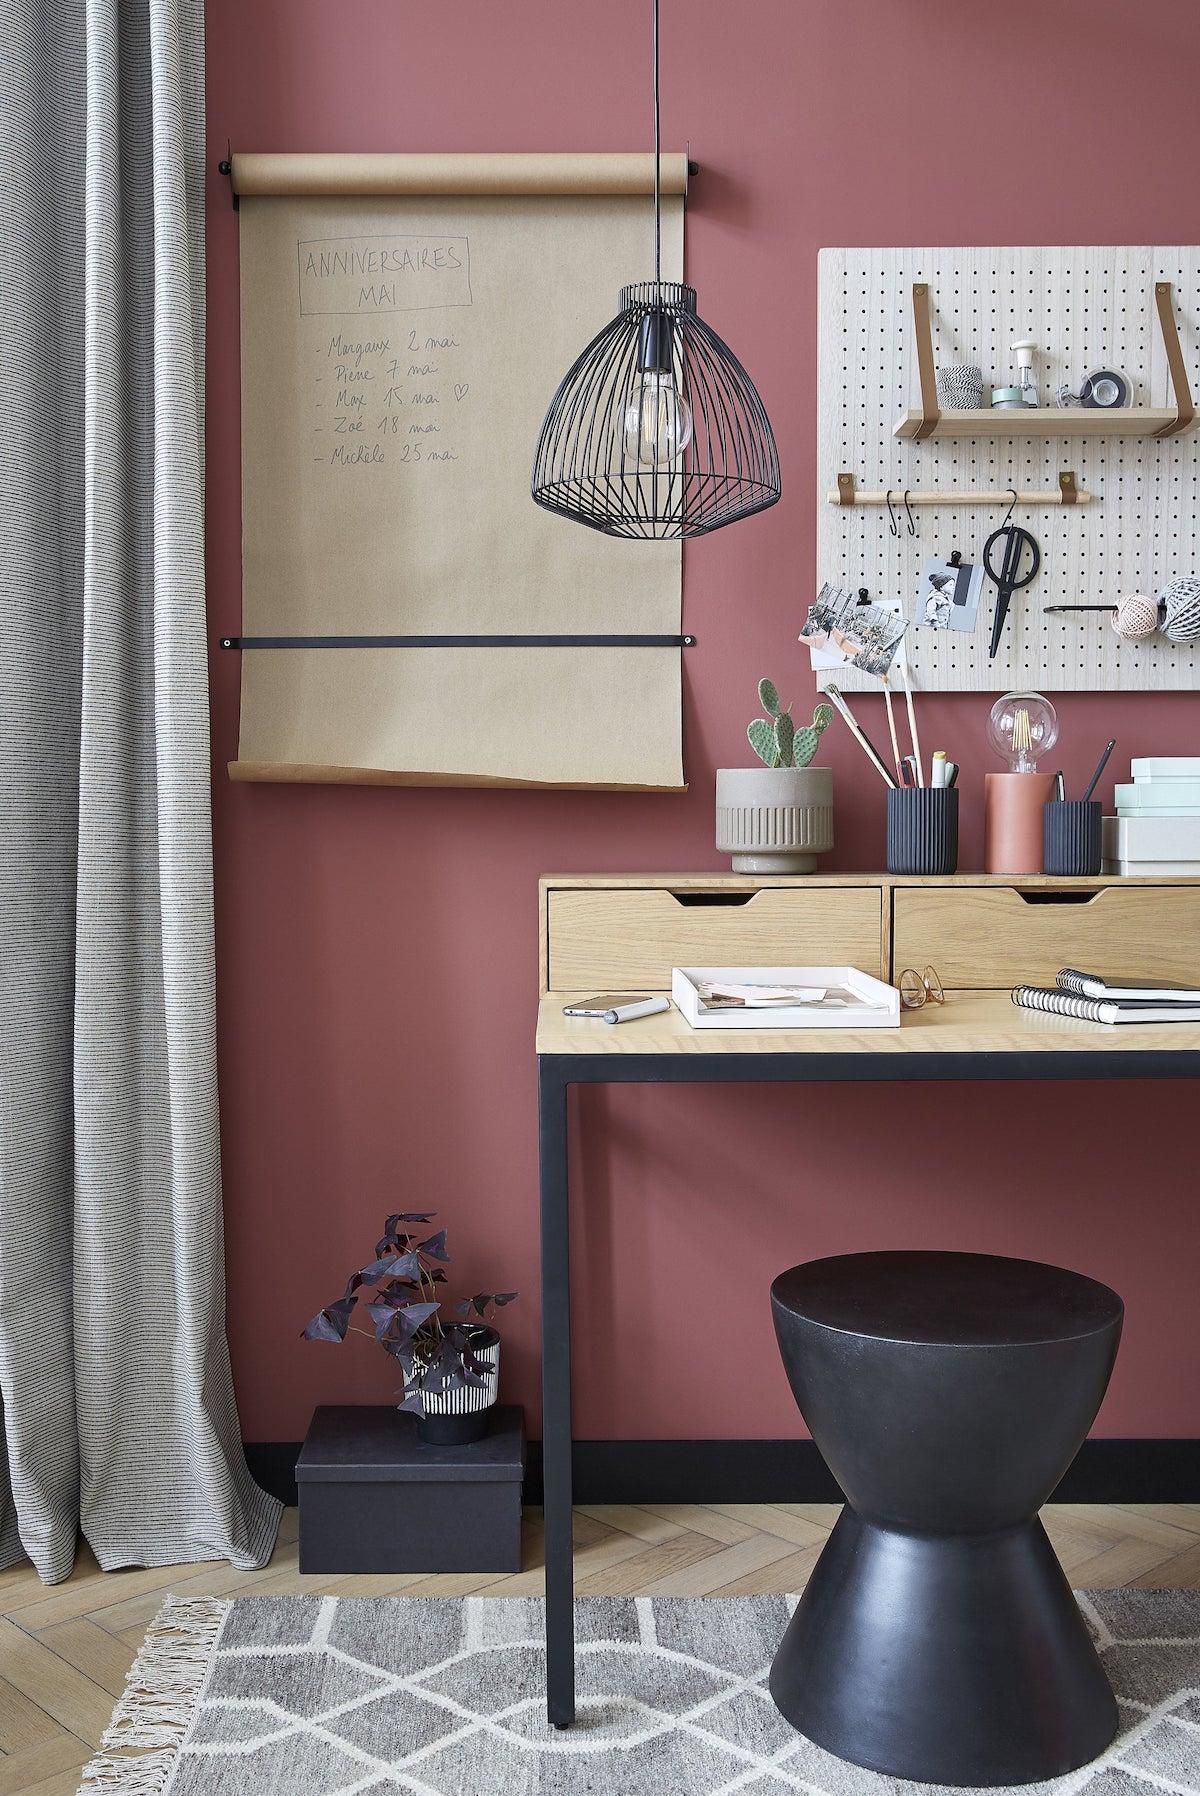 bureau idée déco intérieure mur rouge tabouret rond noir table bois